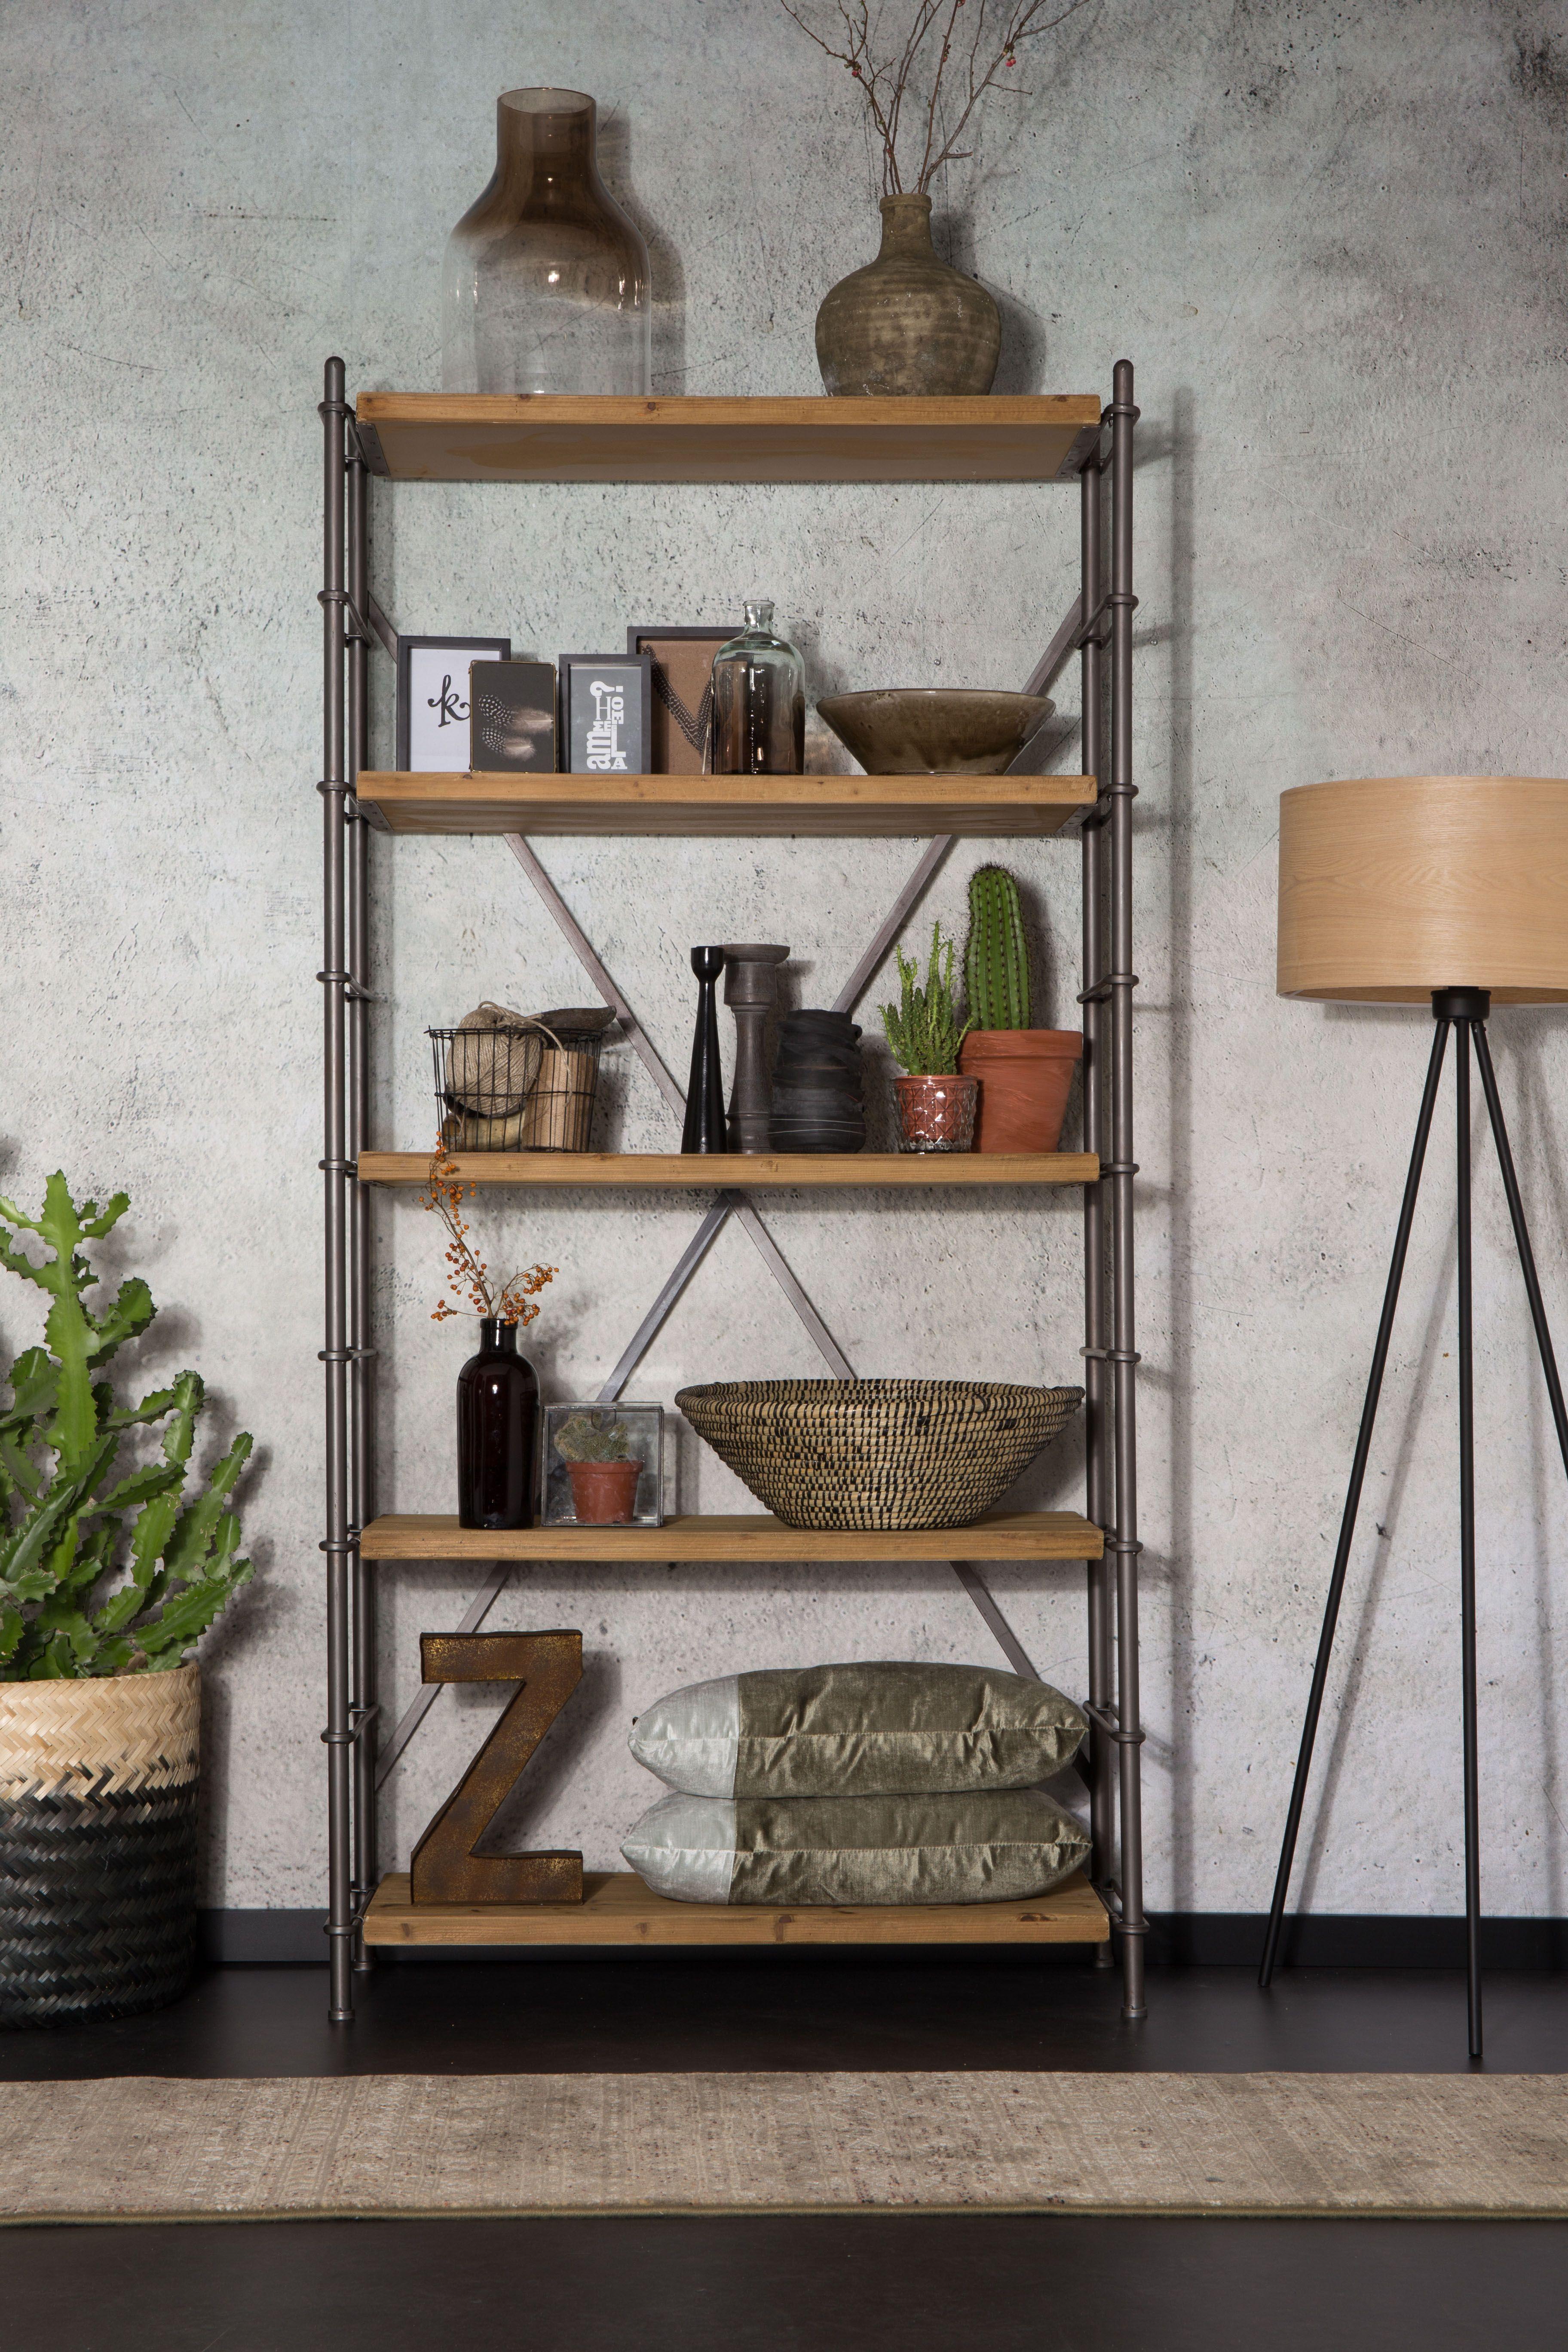 Stijl studio industrial inspiratie eijerkamp industrieel woonidee interieur woonstijl - Interieur industriele stijl decoratie ...